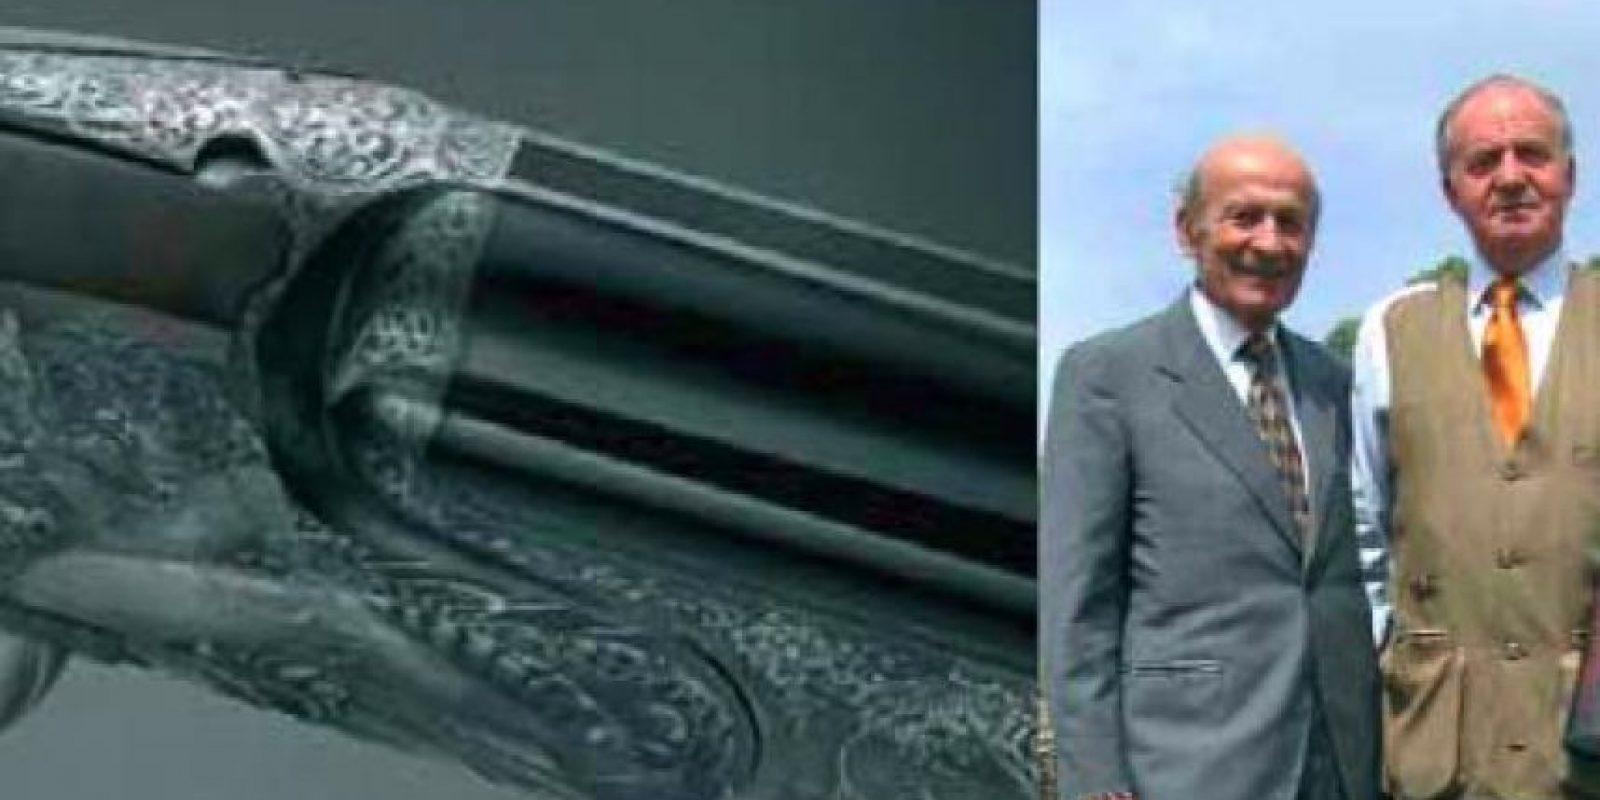 Foto inédita del rey alardeando de su escopeta de polvo de diamante (100.000 euros) con el fabricante, Ivo Fabbri Foto:Twitter